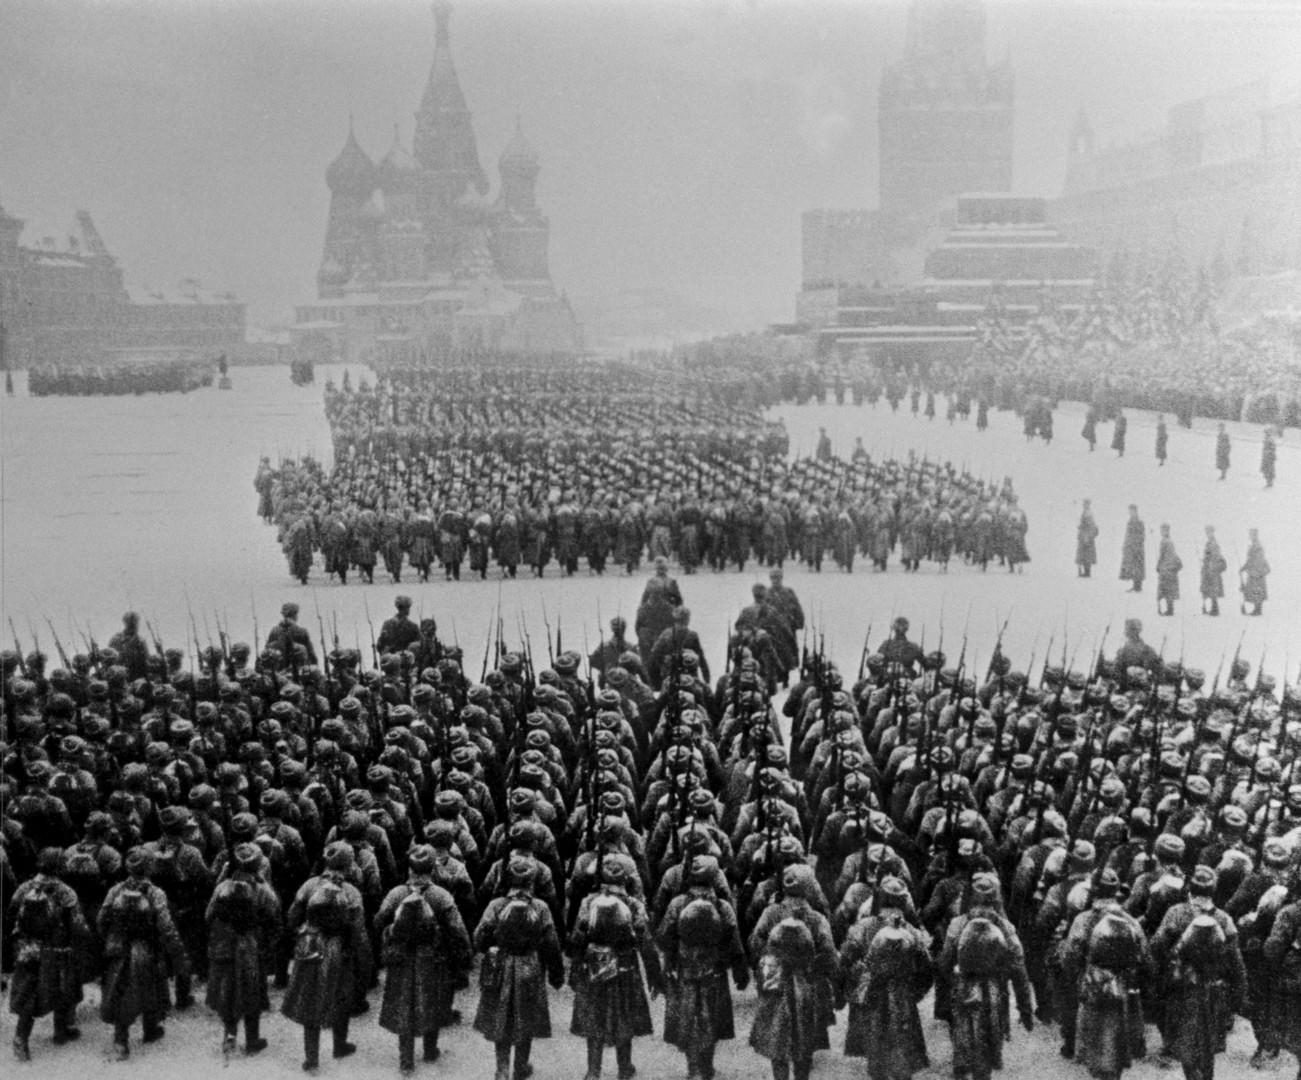 7. studenog 1941. Sovjetska vojska maršira ka liniji fronta